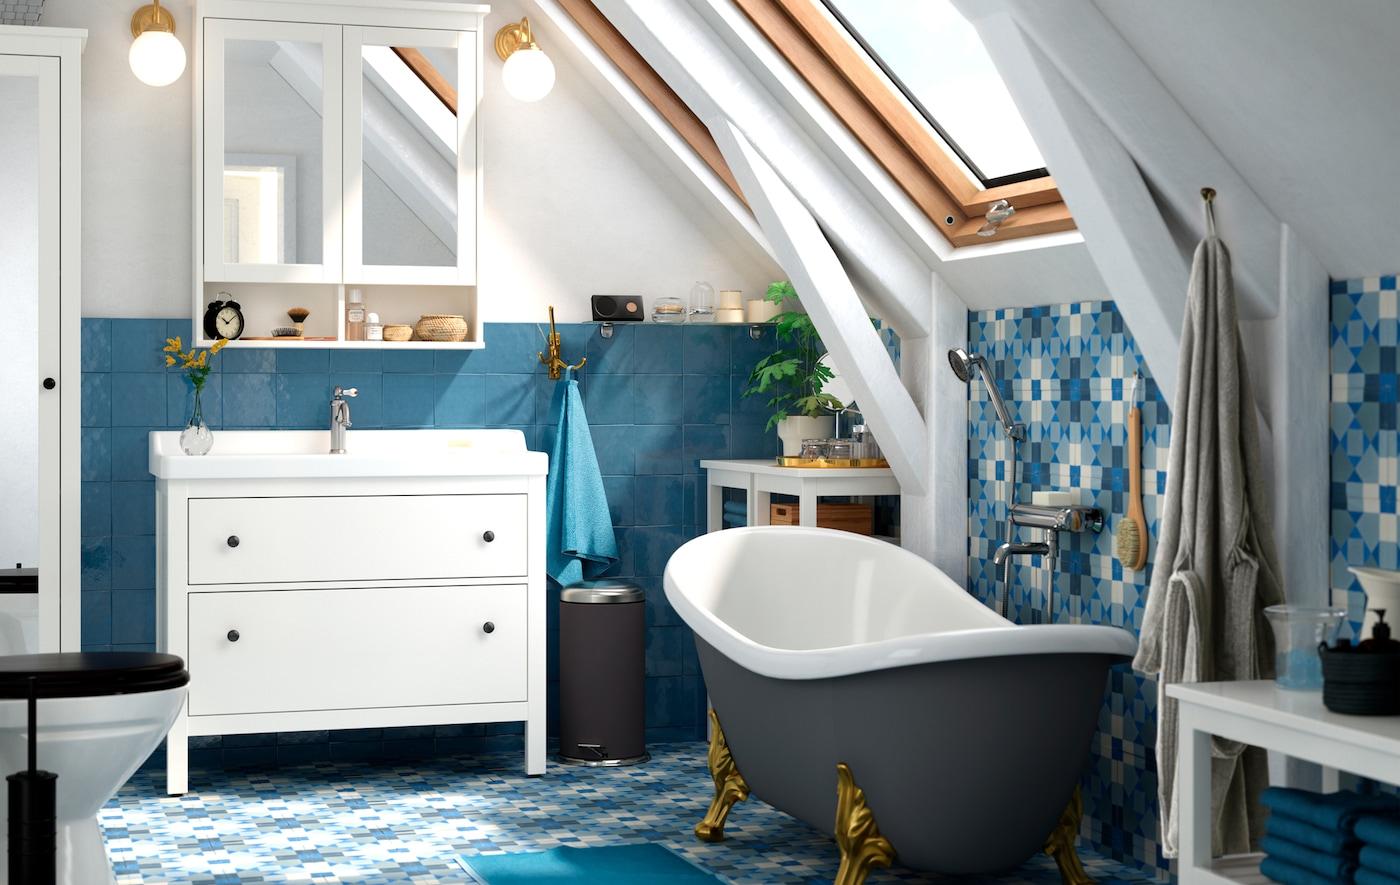 Bagno con pavimento e piastrelle azzurre, una vasca da bagno, un mobile per lavabo e un mobile con ante a specchio - IKEA